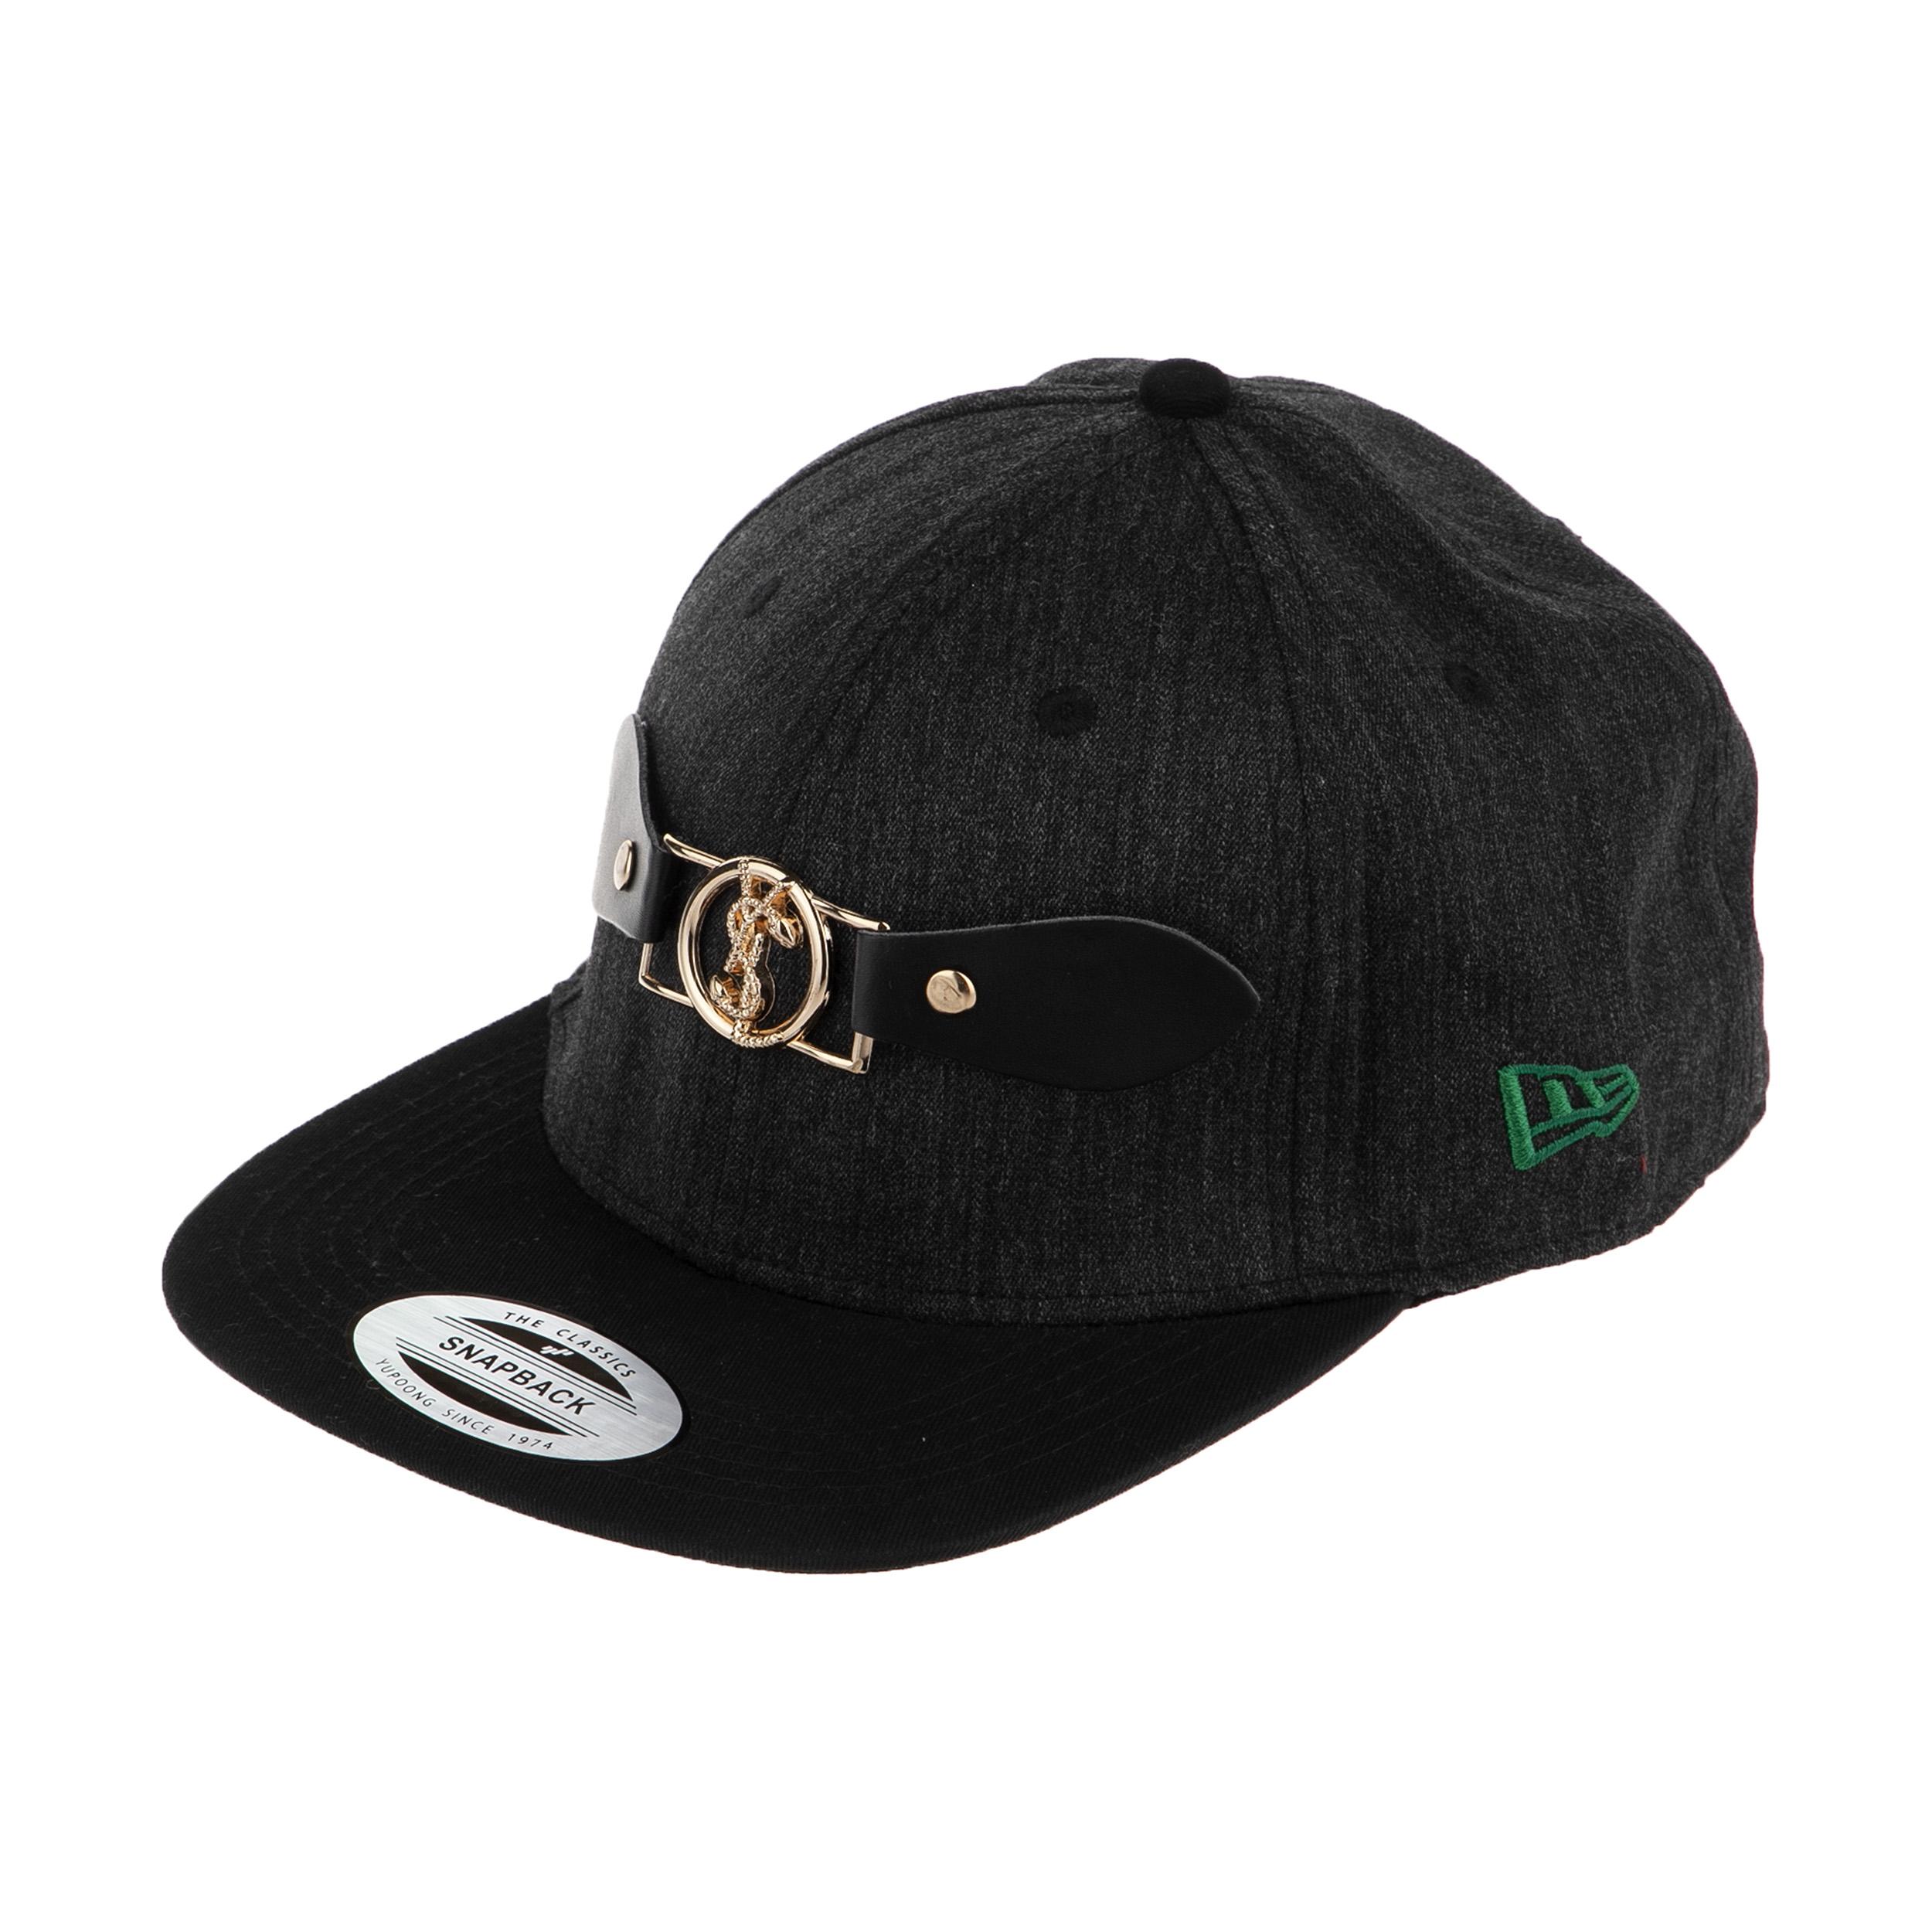 کلاه کپ مردانه کد btt 21